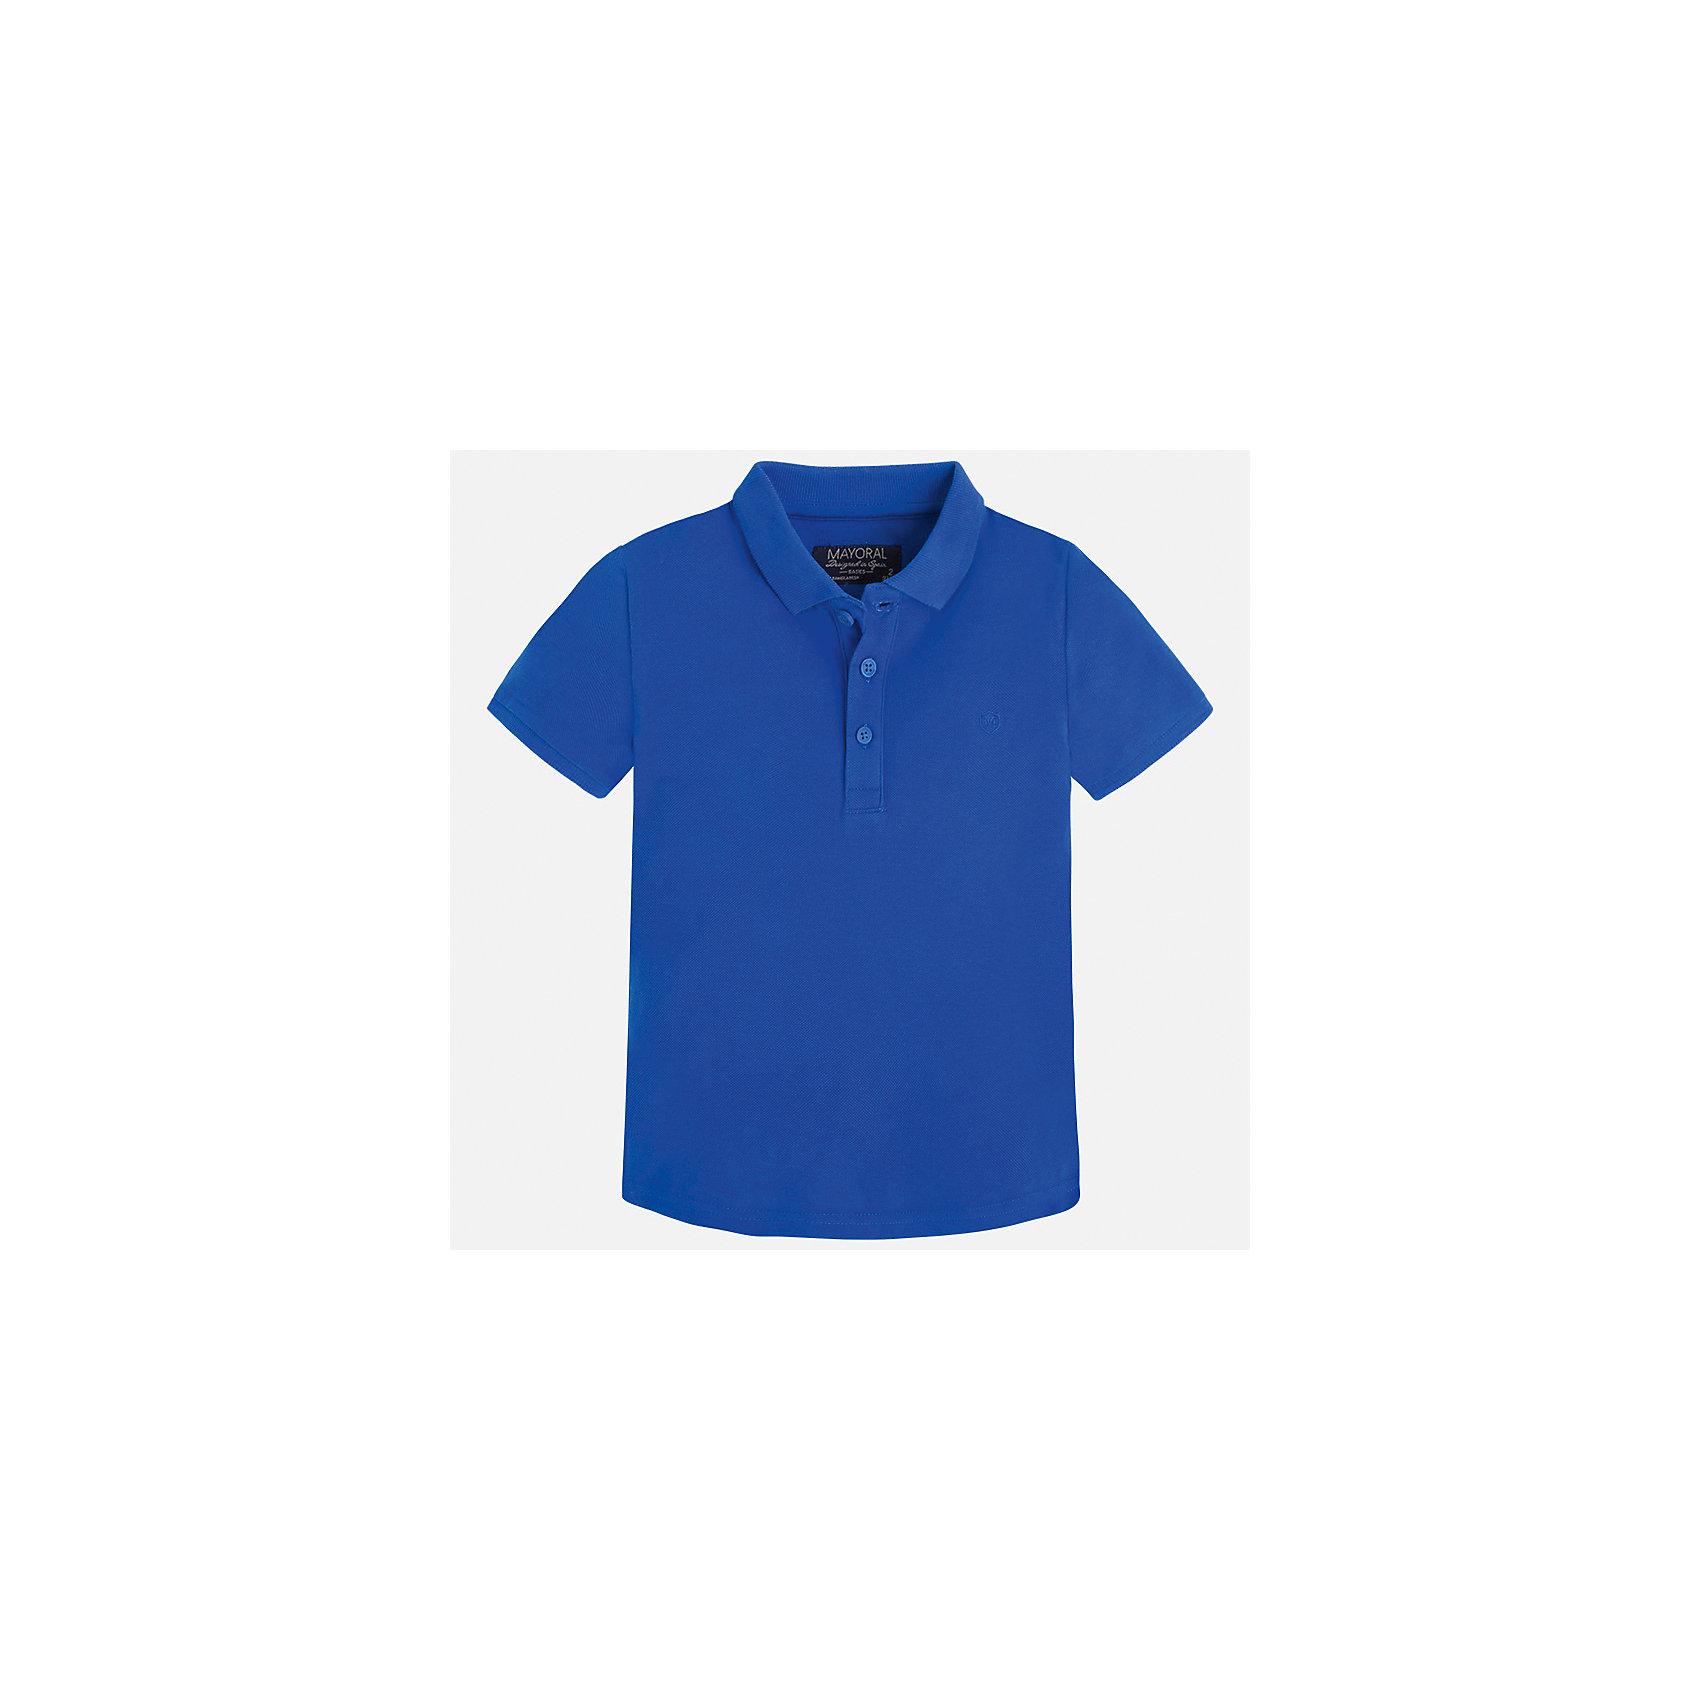 Футболка-поло для мальчика MayoralХарактеристики товара:<br><br>• цвет: синий<br>• состав: 100% хлопок<br>• отложной воротник<br>• короткие рукава<br>• застежка: пуговицы<br>• вышивка на груди<br>• страна бренда: Испания<br><br>Стильная удобная футболка-поло для мальчика может стать базовой вещью в гардеробе ребенка. Она отлично сочетается с брюками, шортами, джинсами и т.д. Универсальный крой и цвет позволяет подобрать к вещи низ разных расцветок. Практичное и стильное изделие! В составе материала - только натуральный хлопок, гипоаллергенный, приятный на ощупь, дышащий.<br><br>Одежда, обувь и аксессуары от испанского бренда Mayoral полюбились детям и взрослым по всему миру. Модели этой марки - стильные и удобные. Для их производства используются только безопасные, качественные материалы и фурнитура. Порадуйте ребенка модными и красивыми вещами от Mayoral! <br><br>Футболку-поло для мальчика от испанского бренда Mayoral (Майорал) можно купить в нашем интернет-магазине.<br><br>Ширина мм: 230<br>Глубина мм: 40<br>Высота мм: 220<br>Вес г: 250<br>Цвет: голубой<br>Возраст от месяцев: 84<br>Возраст до месяцев: 96<br>Пол: Мужской<br>Возраст: Детский<br>Размер: 128,122,116,110,104,98,92,134<br>SKU: 5277740